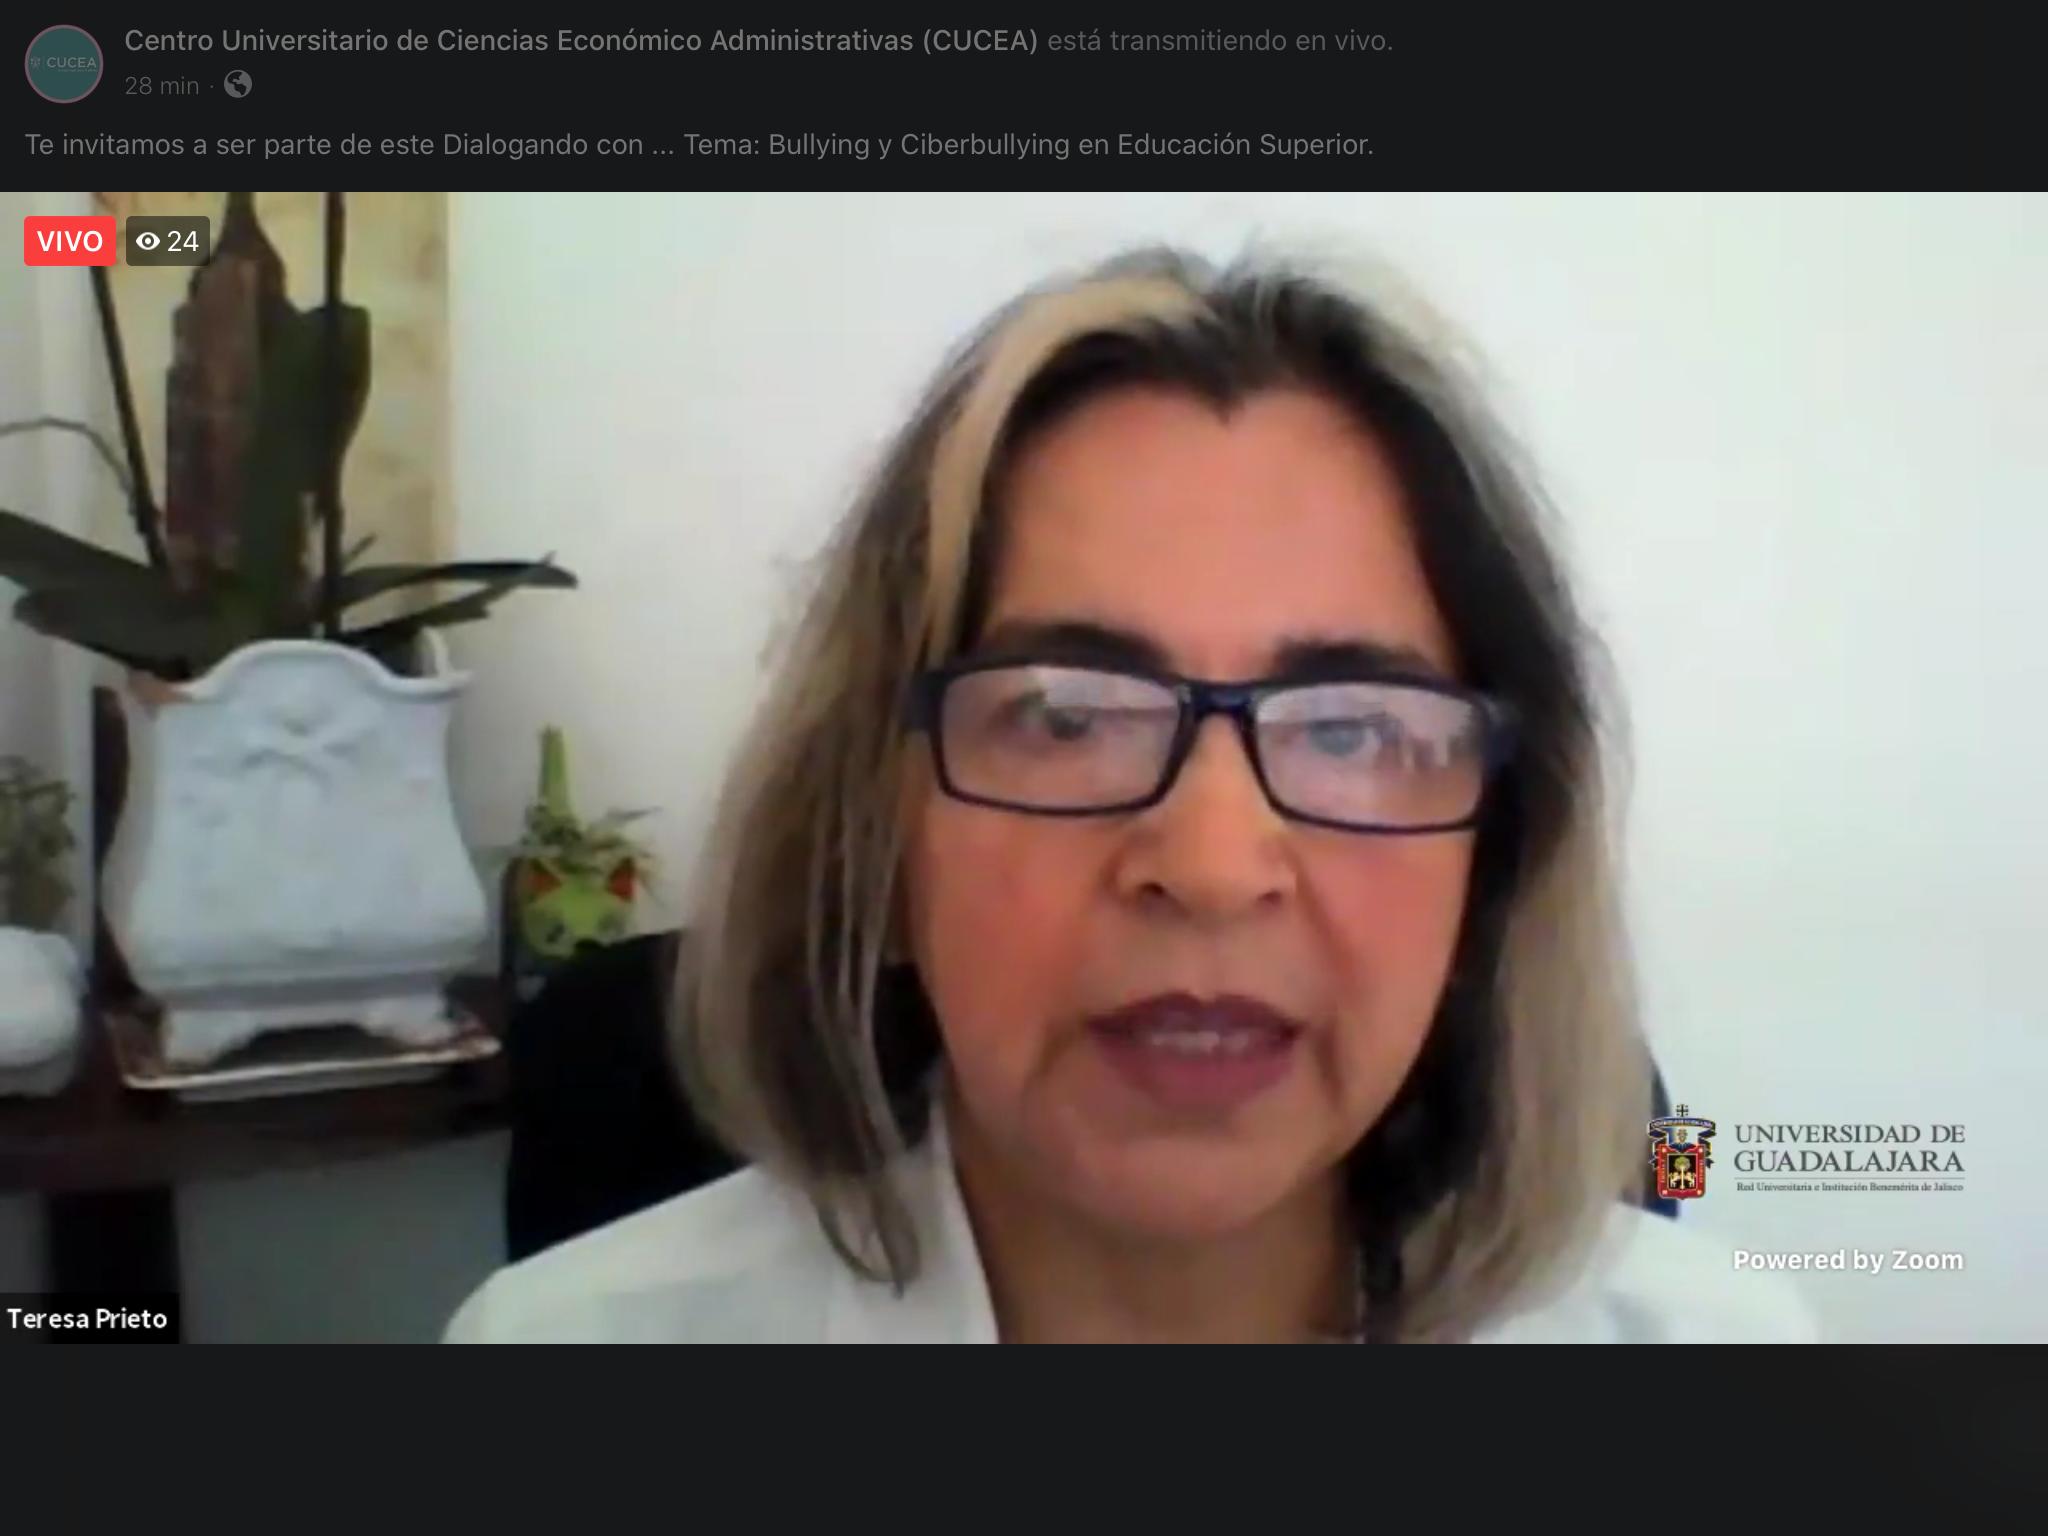 La doctora María Teresa Prieto Quezada, investigadora y responsable de Formación Docente, del Centro Universitario de Ciencias Económico Administrativas (CUCEA)